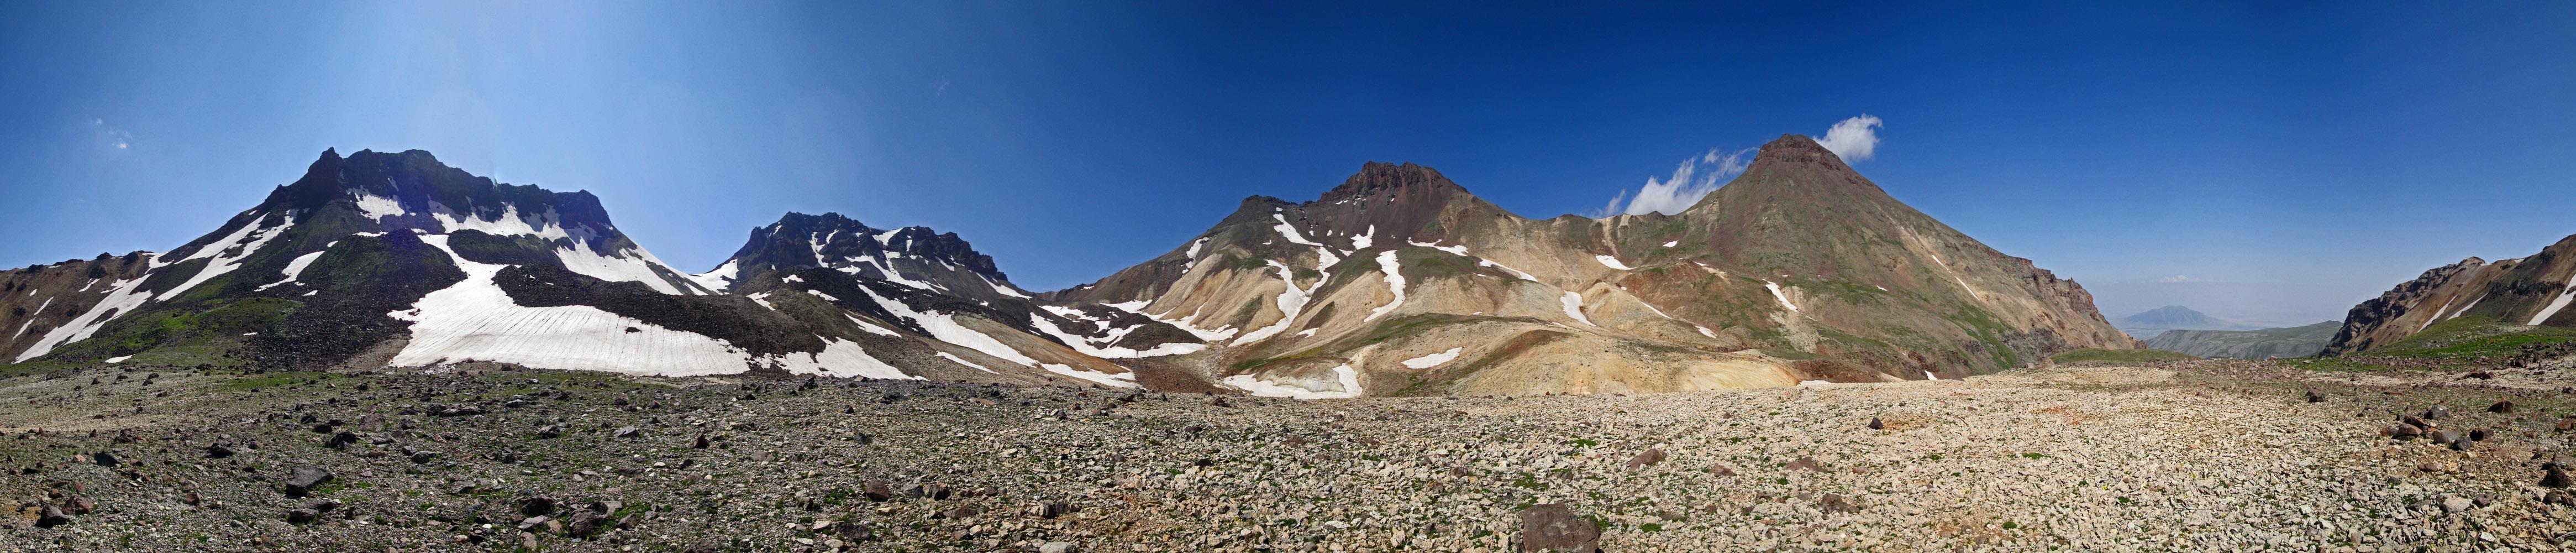 Peaks of Aragats